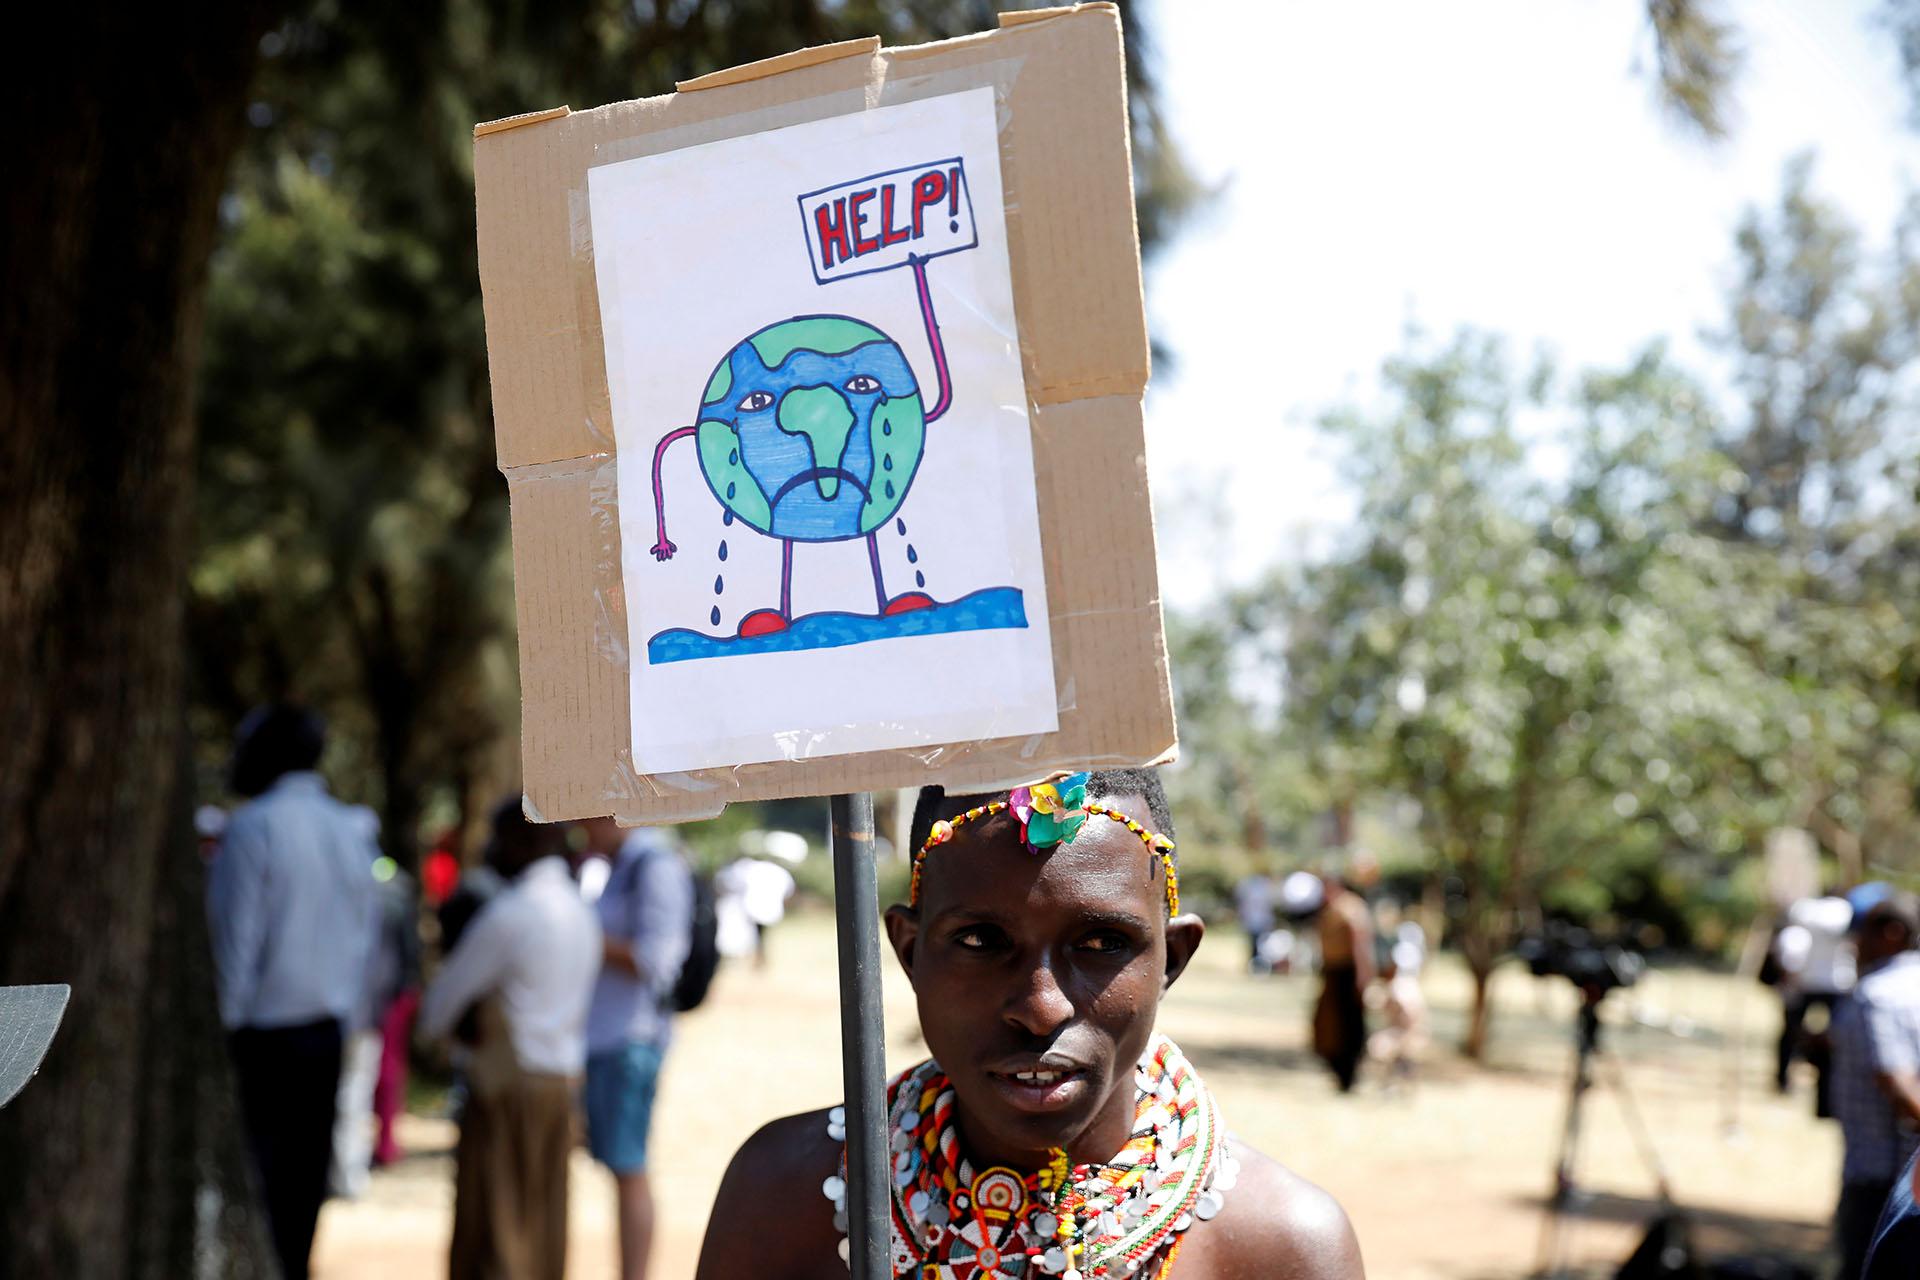 Un activista ambiental vestido con ropa tradicional sostiene un letrero en la huelga climática global celebrada en Kenia (REUTERS/Baz Ratner)